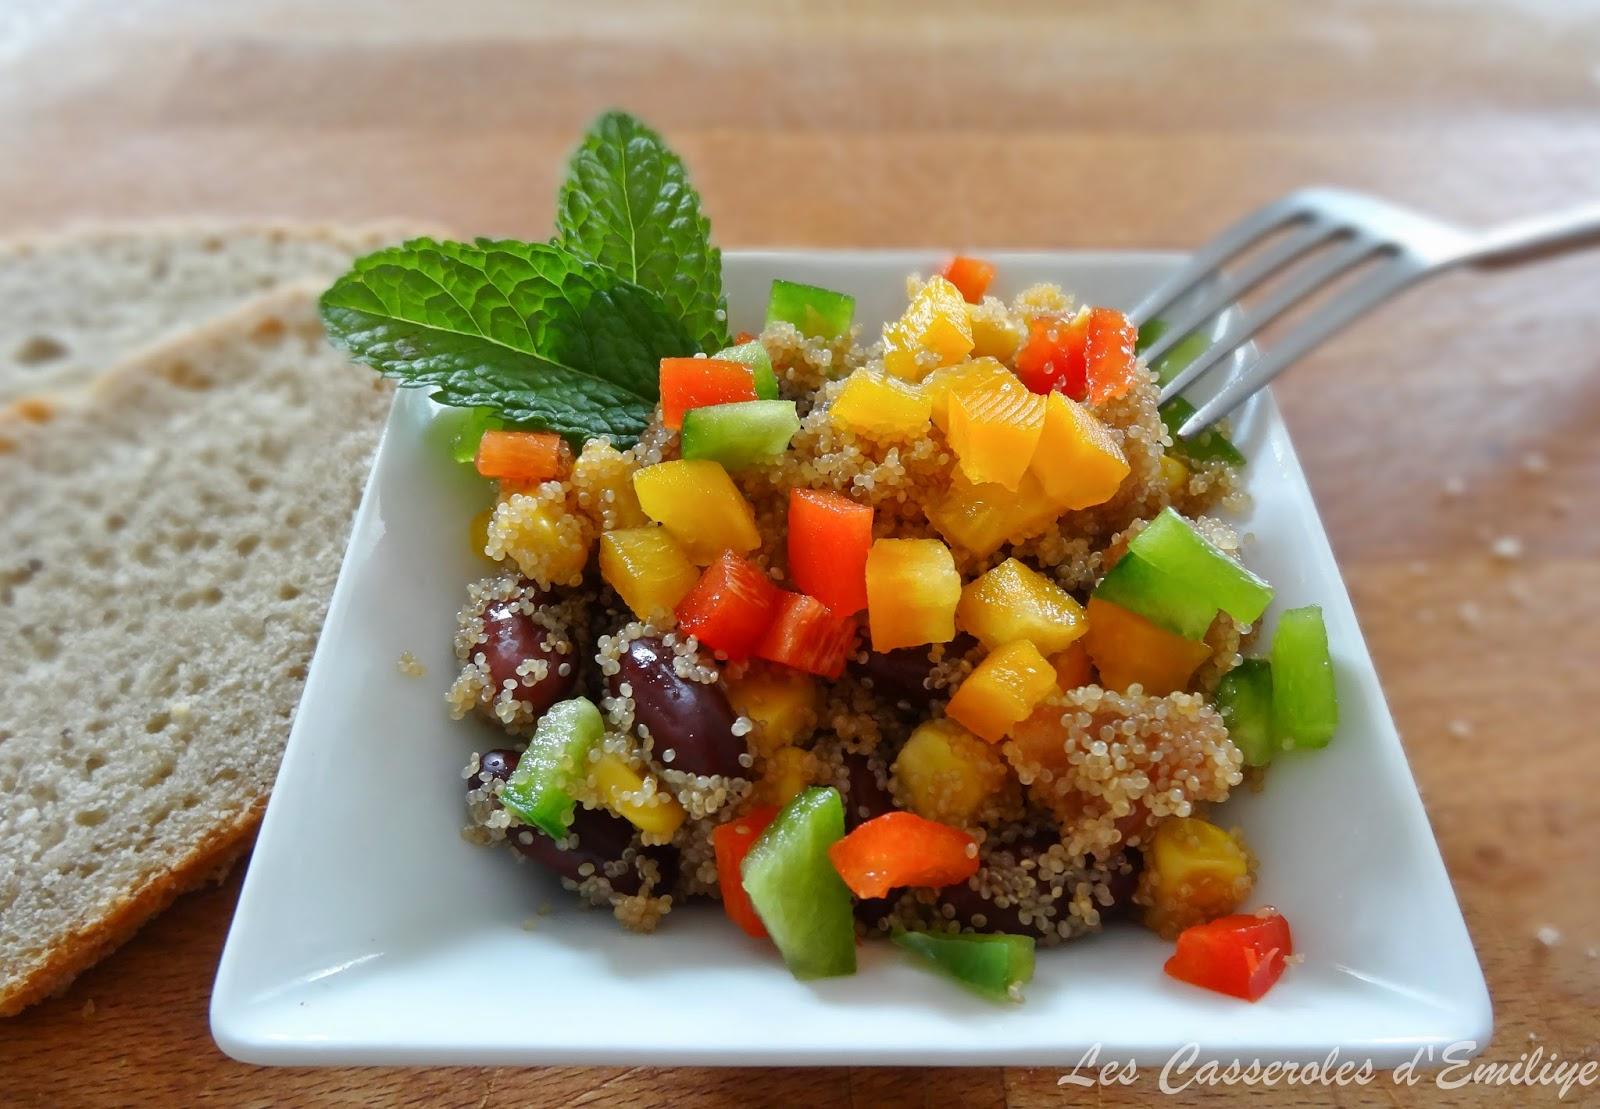 les casseroles d 39 emiliye salade de poivrons haricots rouges et graines d 39 amarante. Black Bedroom Furniture Sets. Home Design Ideas